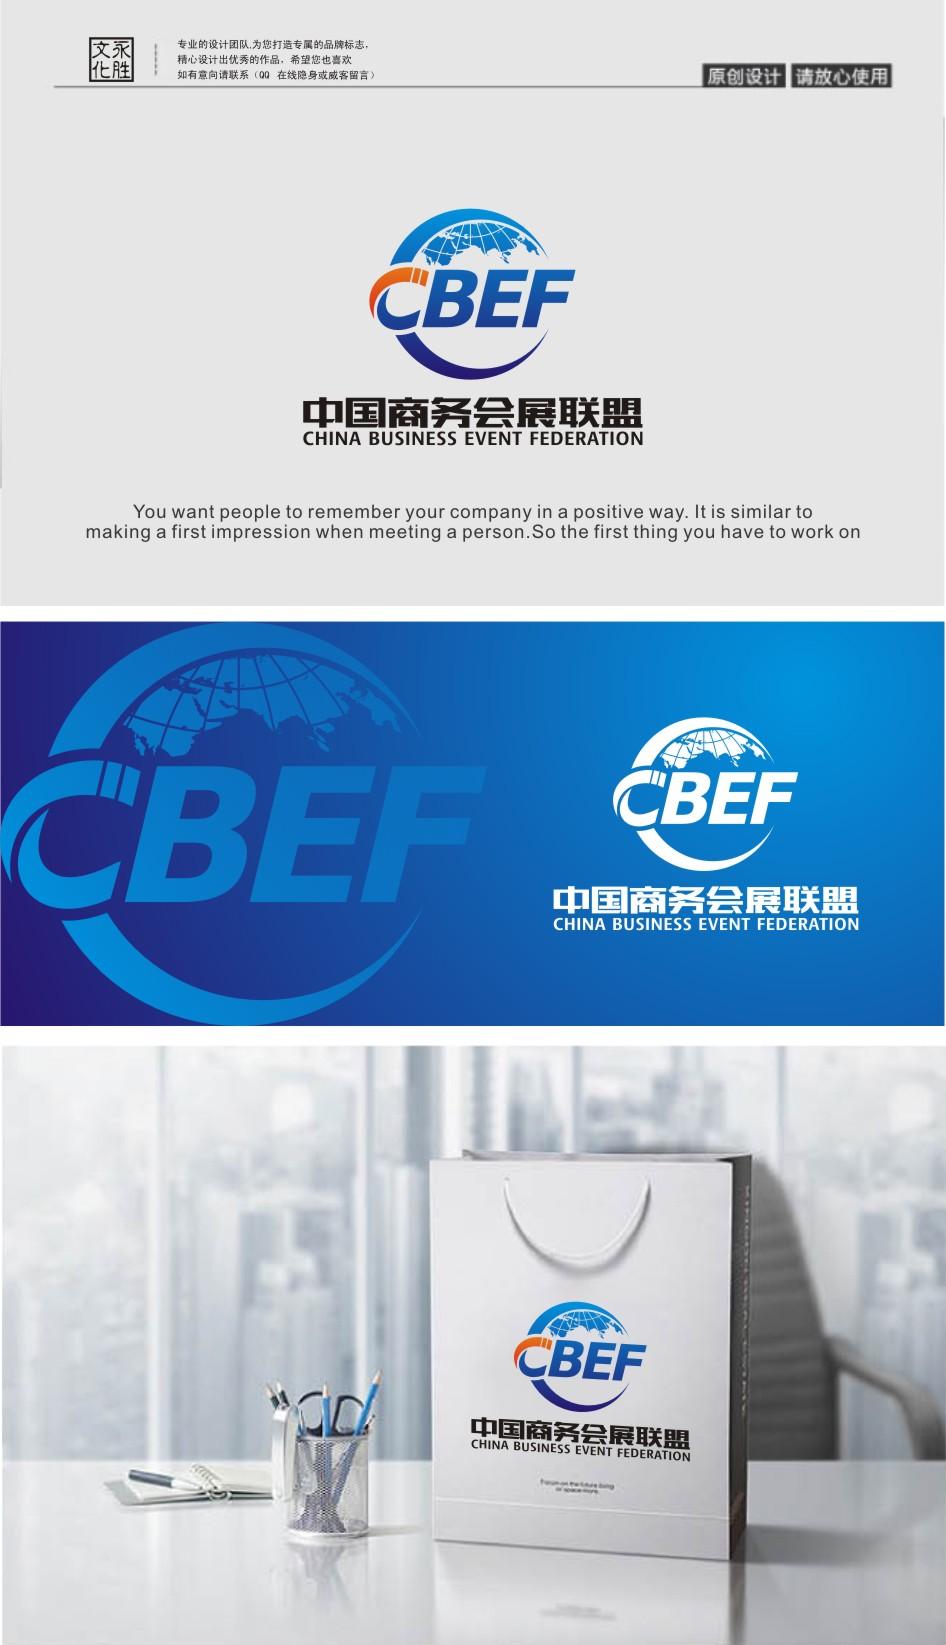 设计中国商务会展联盟logo_2957694_k68威客网